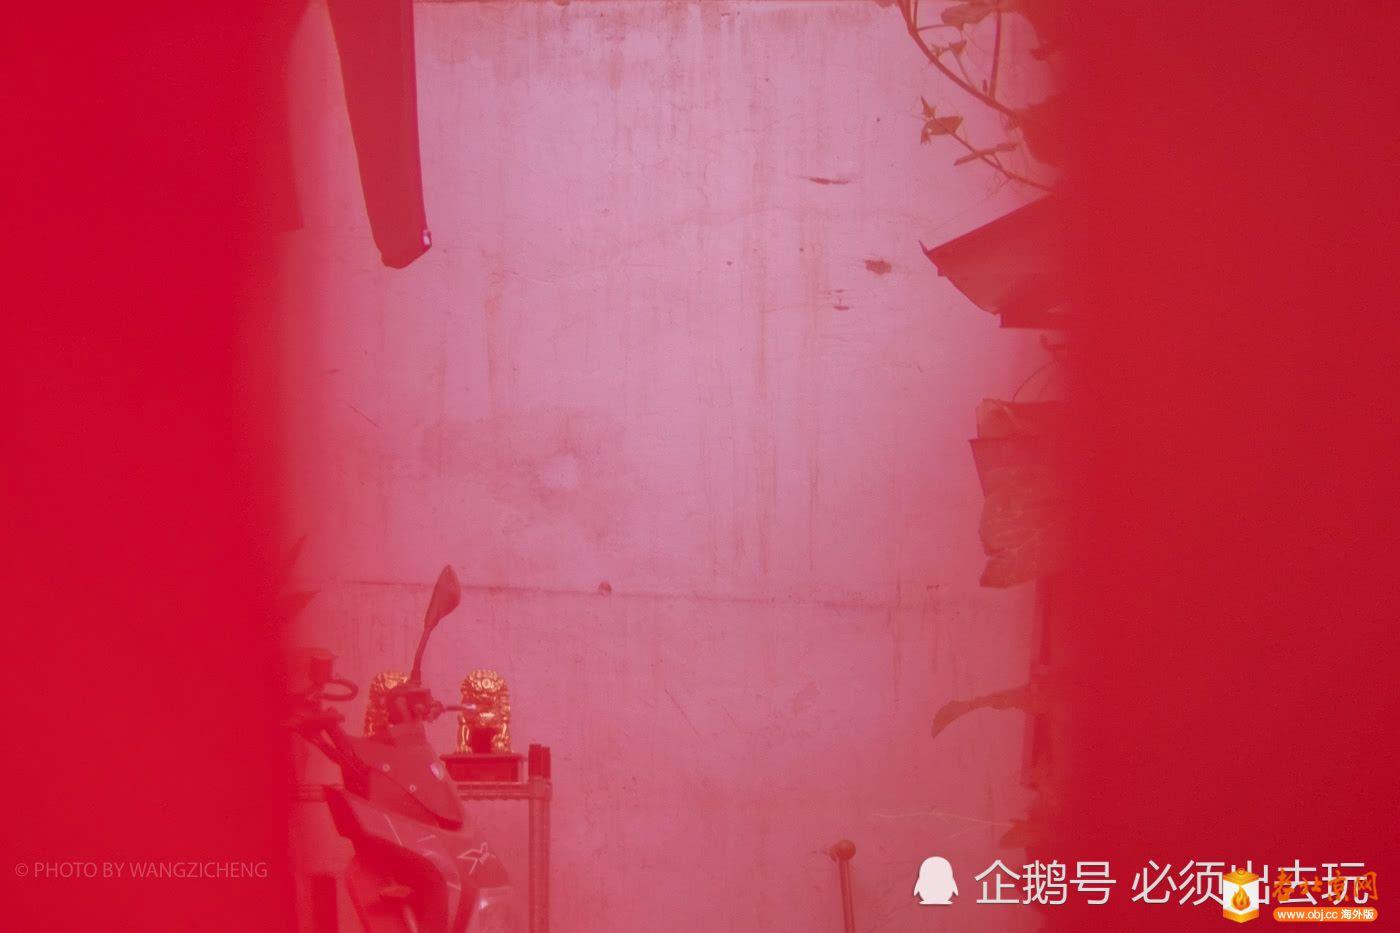 透过锁闭的大红门,里面依稀可以看到市民生活的陈设